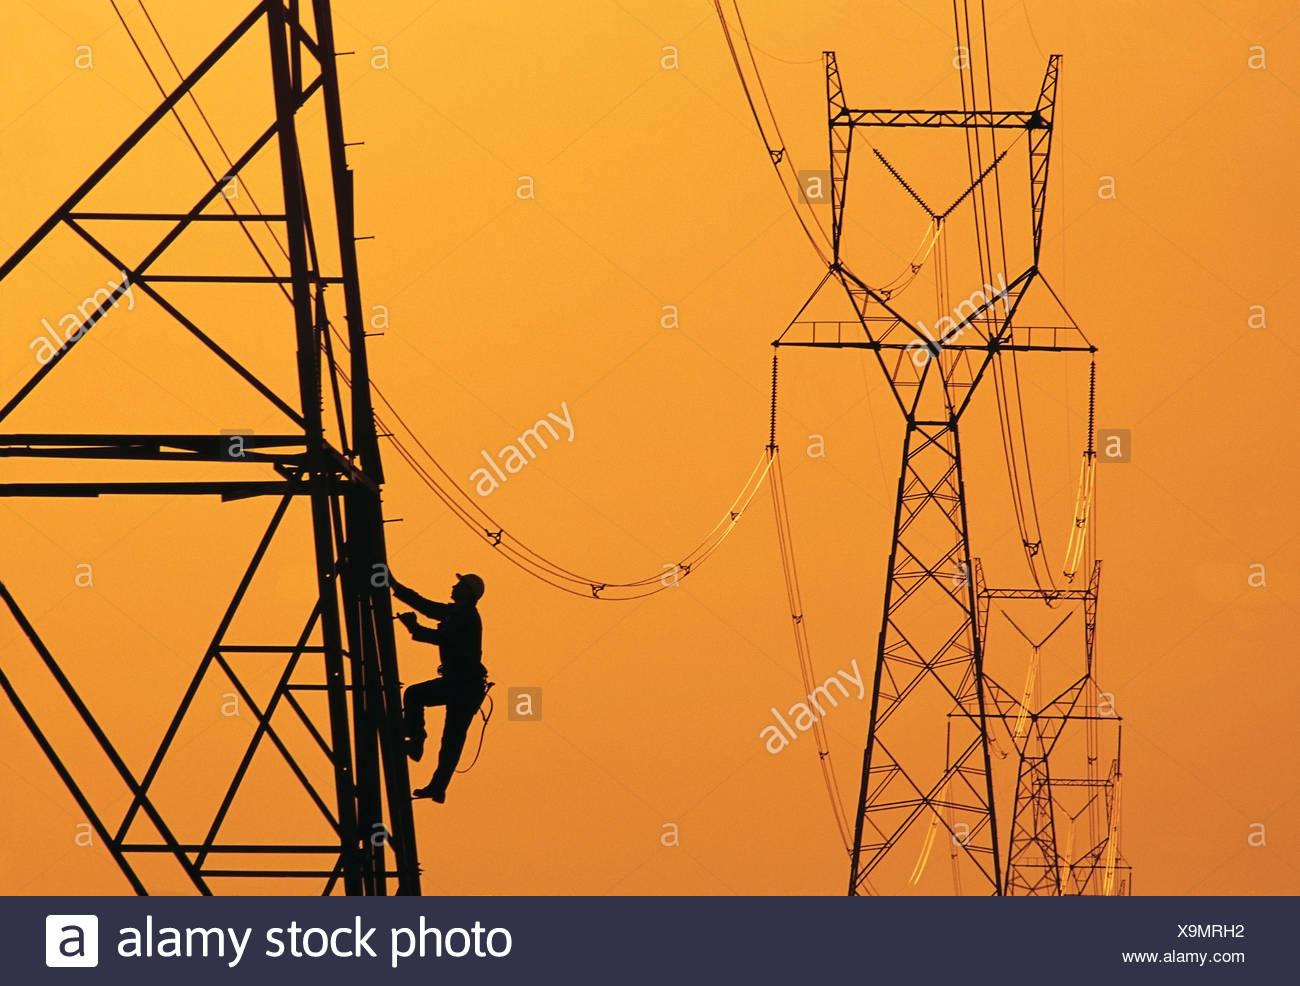 Ein Arbeiter klettert eine elektrische Tower, Manitoba, Kanada Stockbild